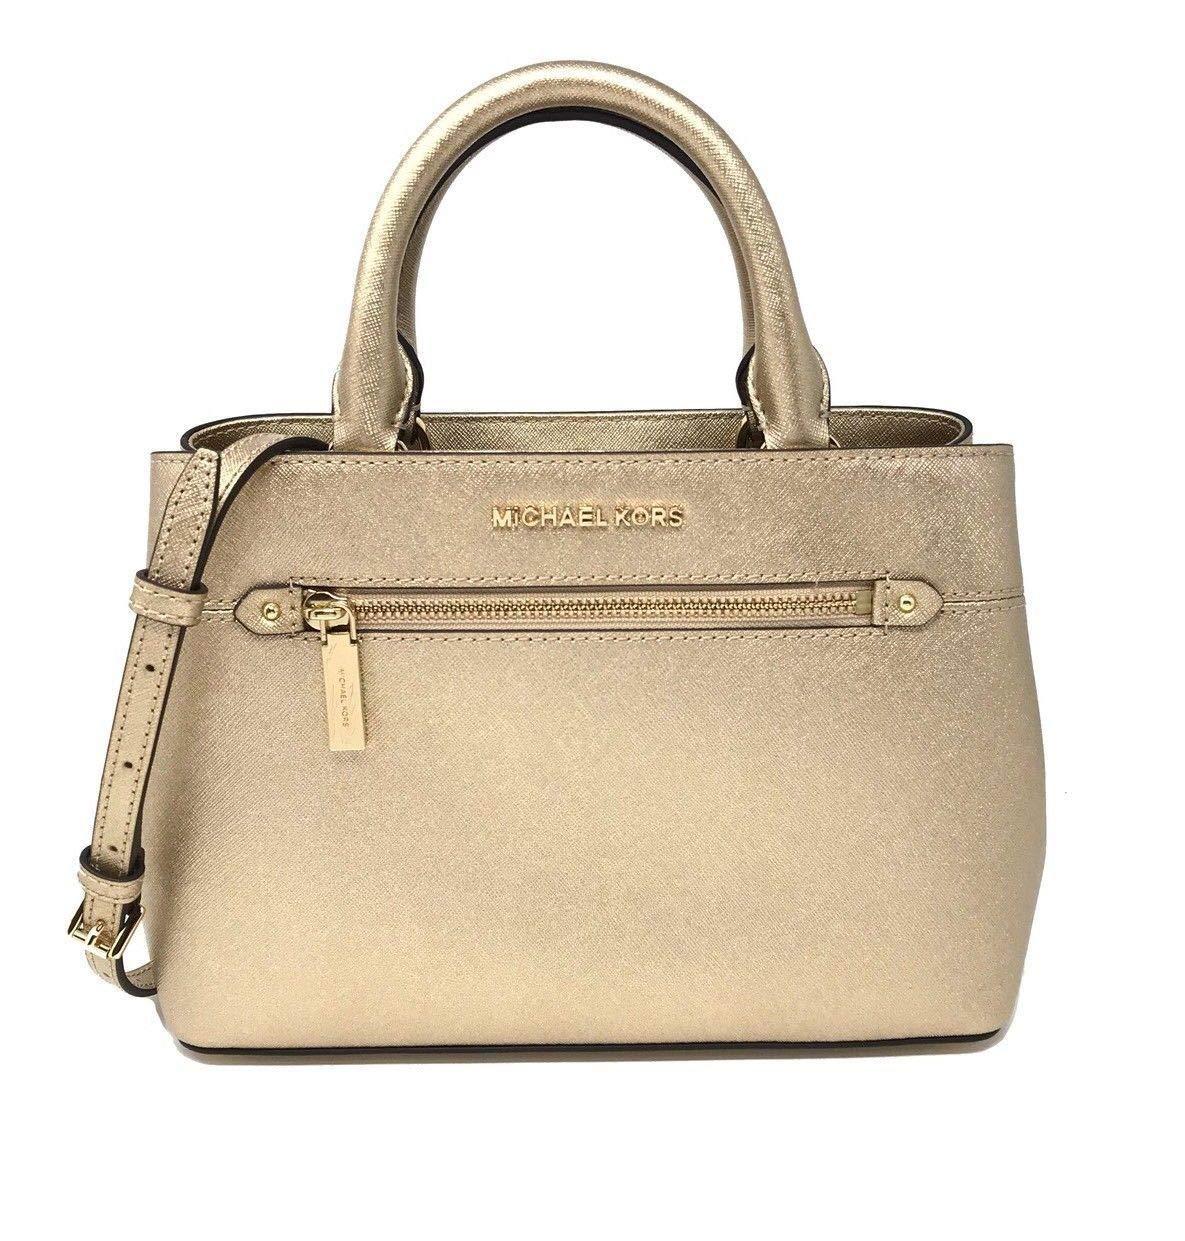 Michael Kors Hailee Bag XS Satchel Leather Pale Gold (35T8MX2S1M)